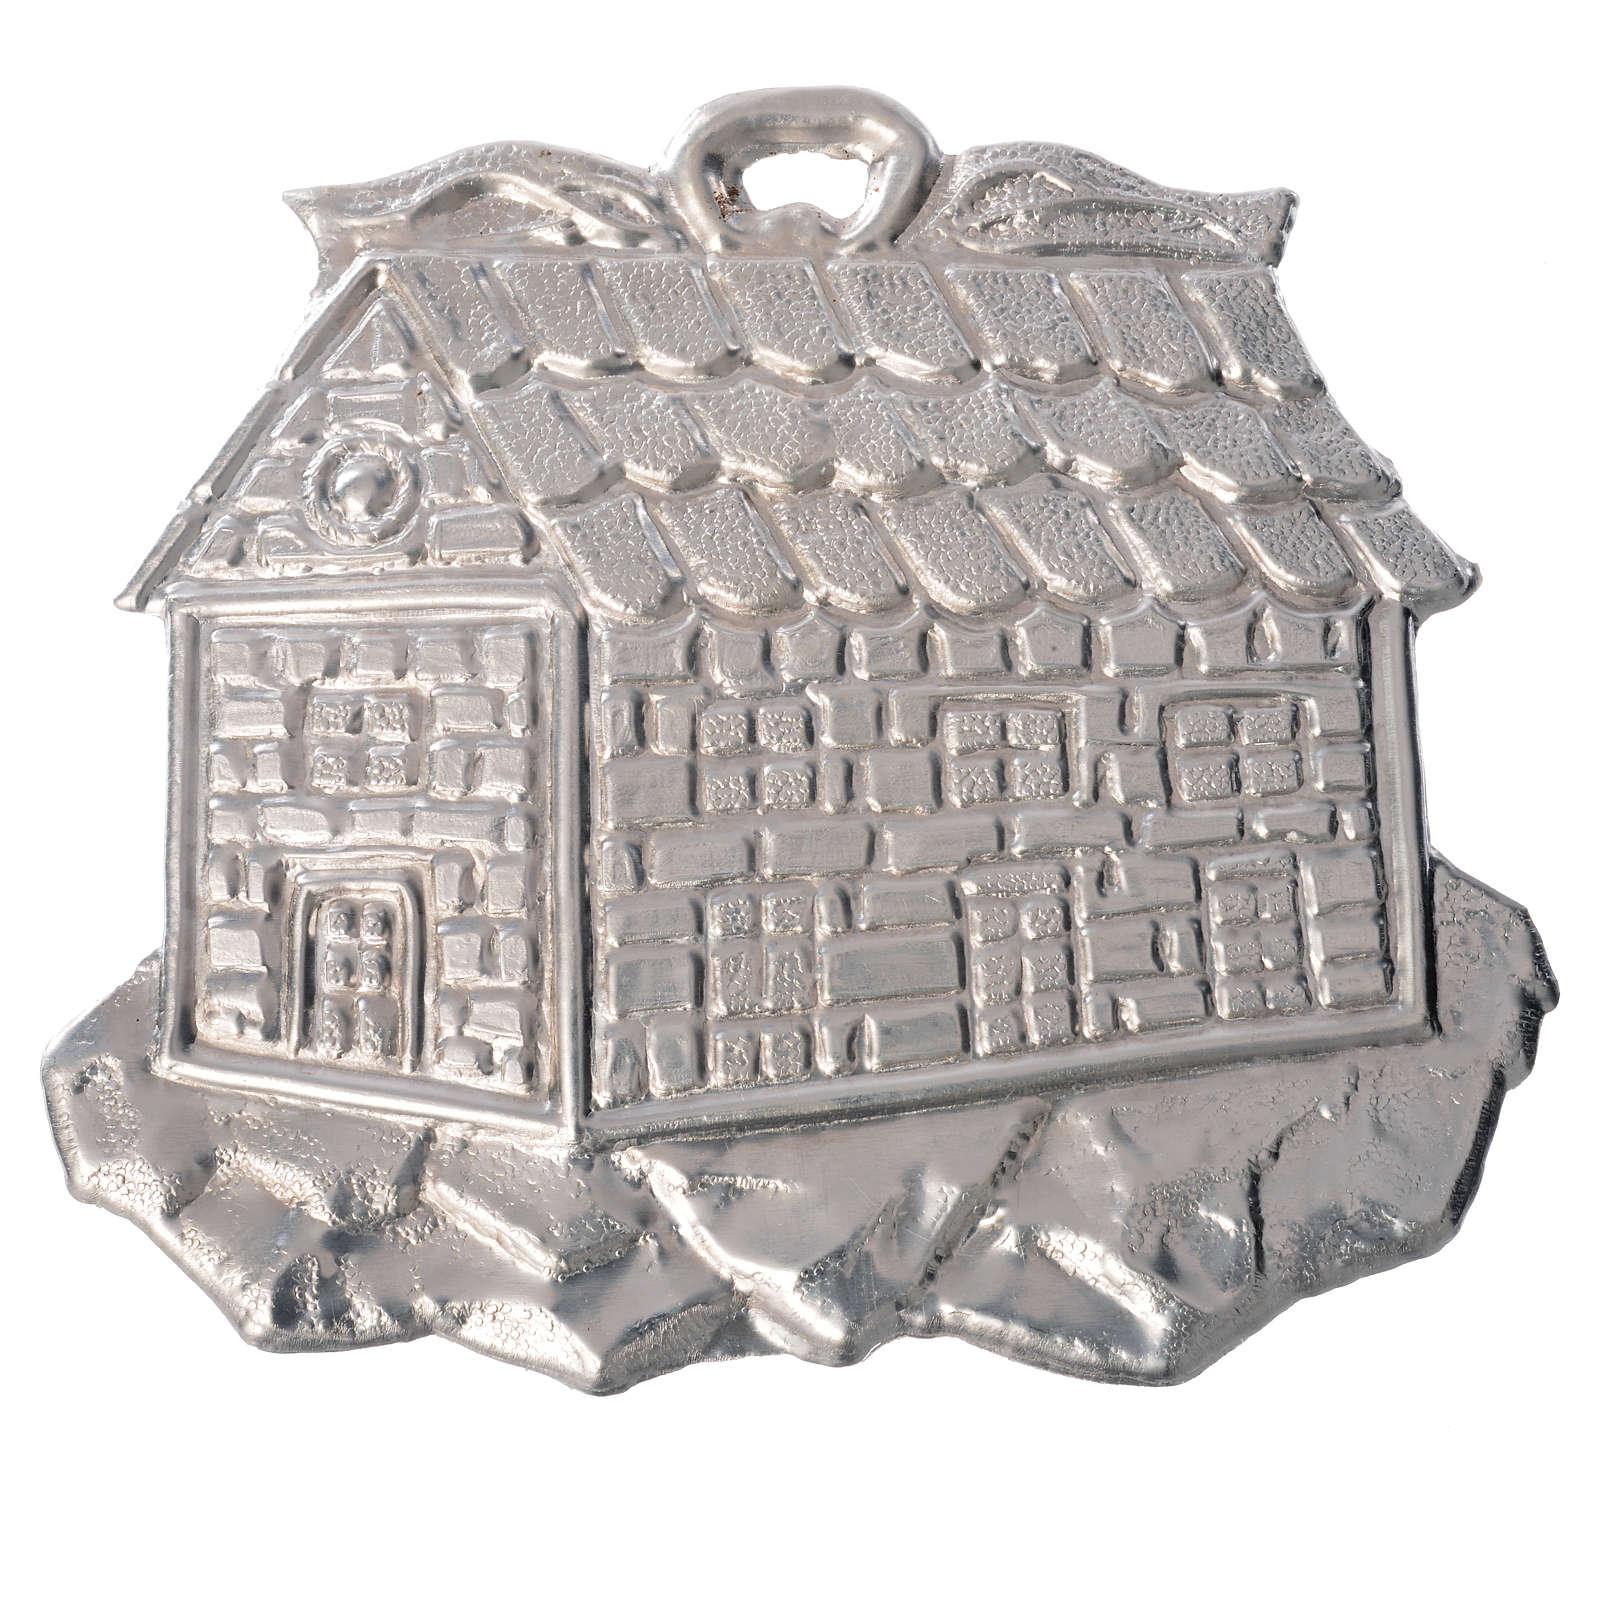 Ex voto en forme de maisonen argent 925 ou métal 8.5x10 c 3